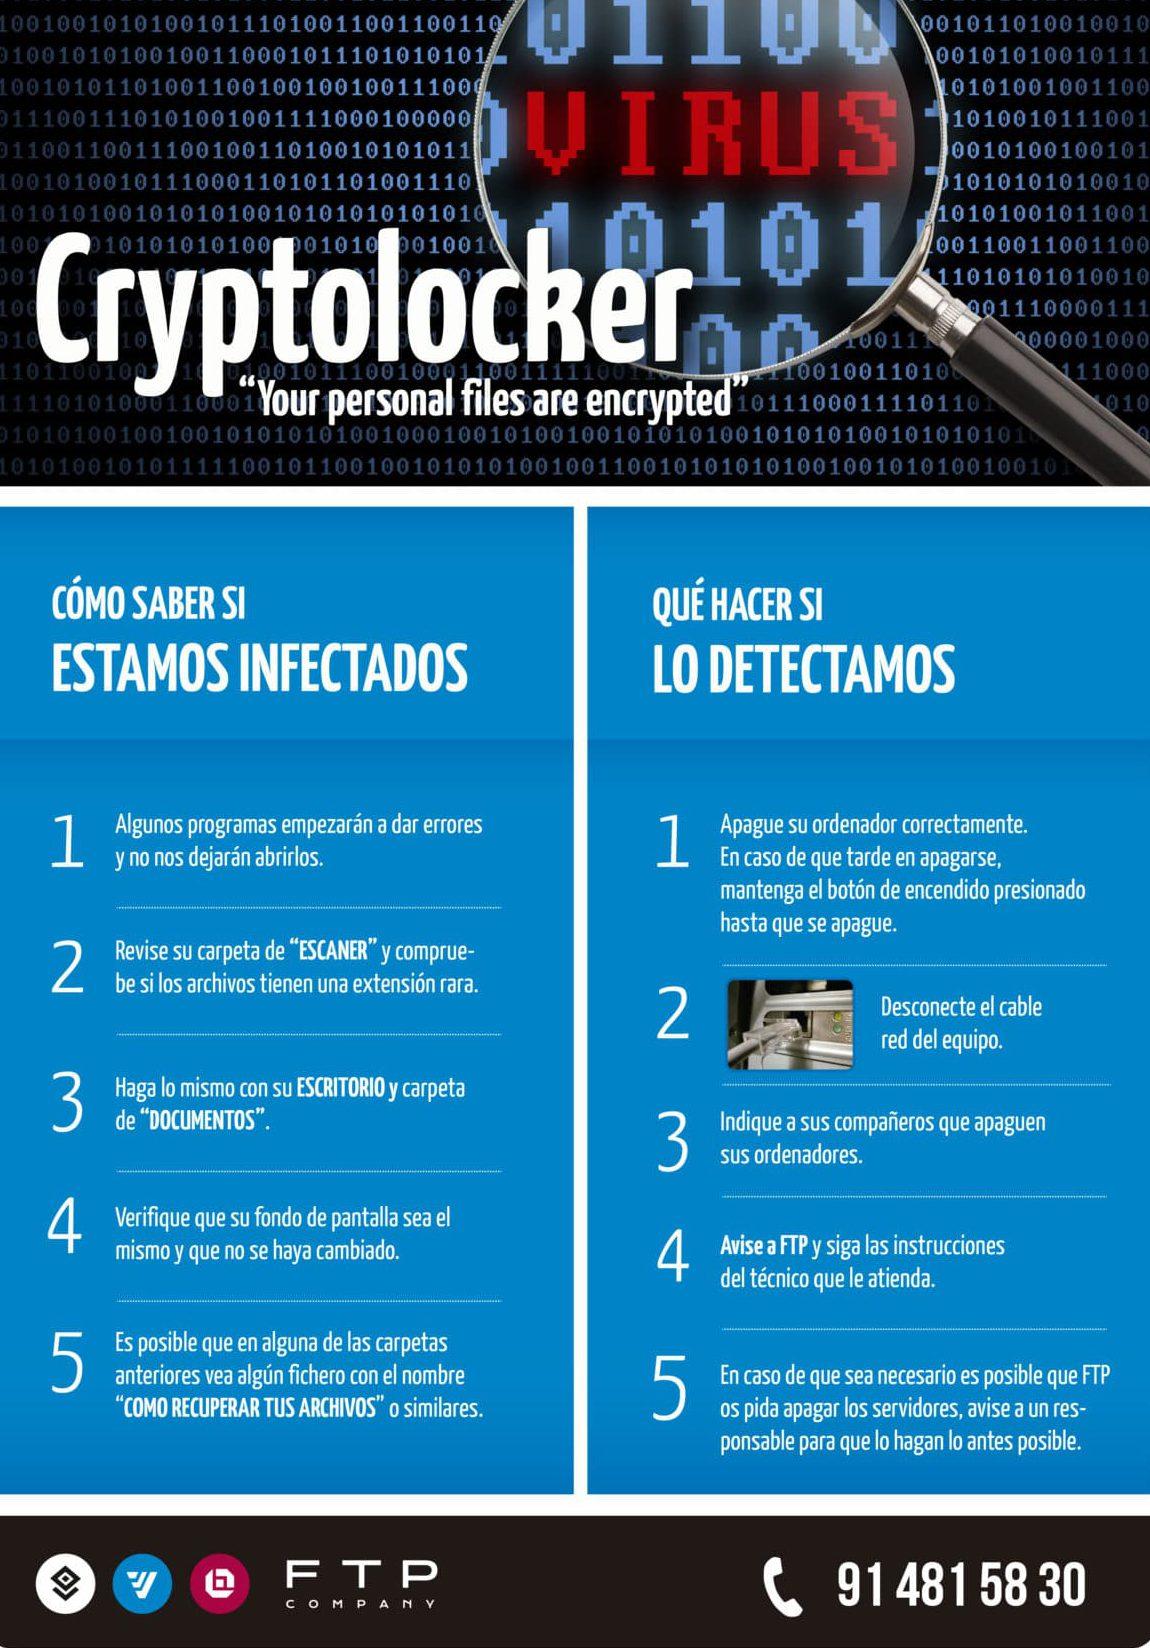 Cómo detectamos Cryptolocker